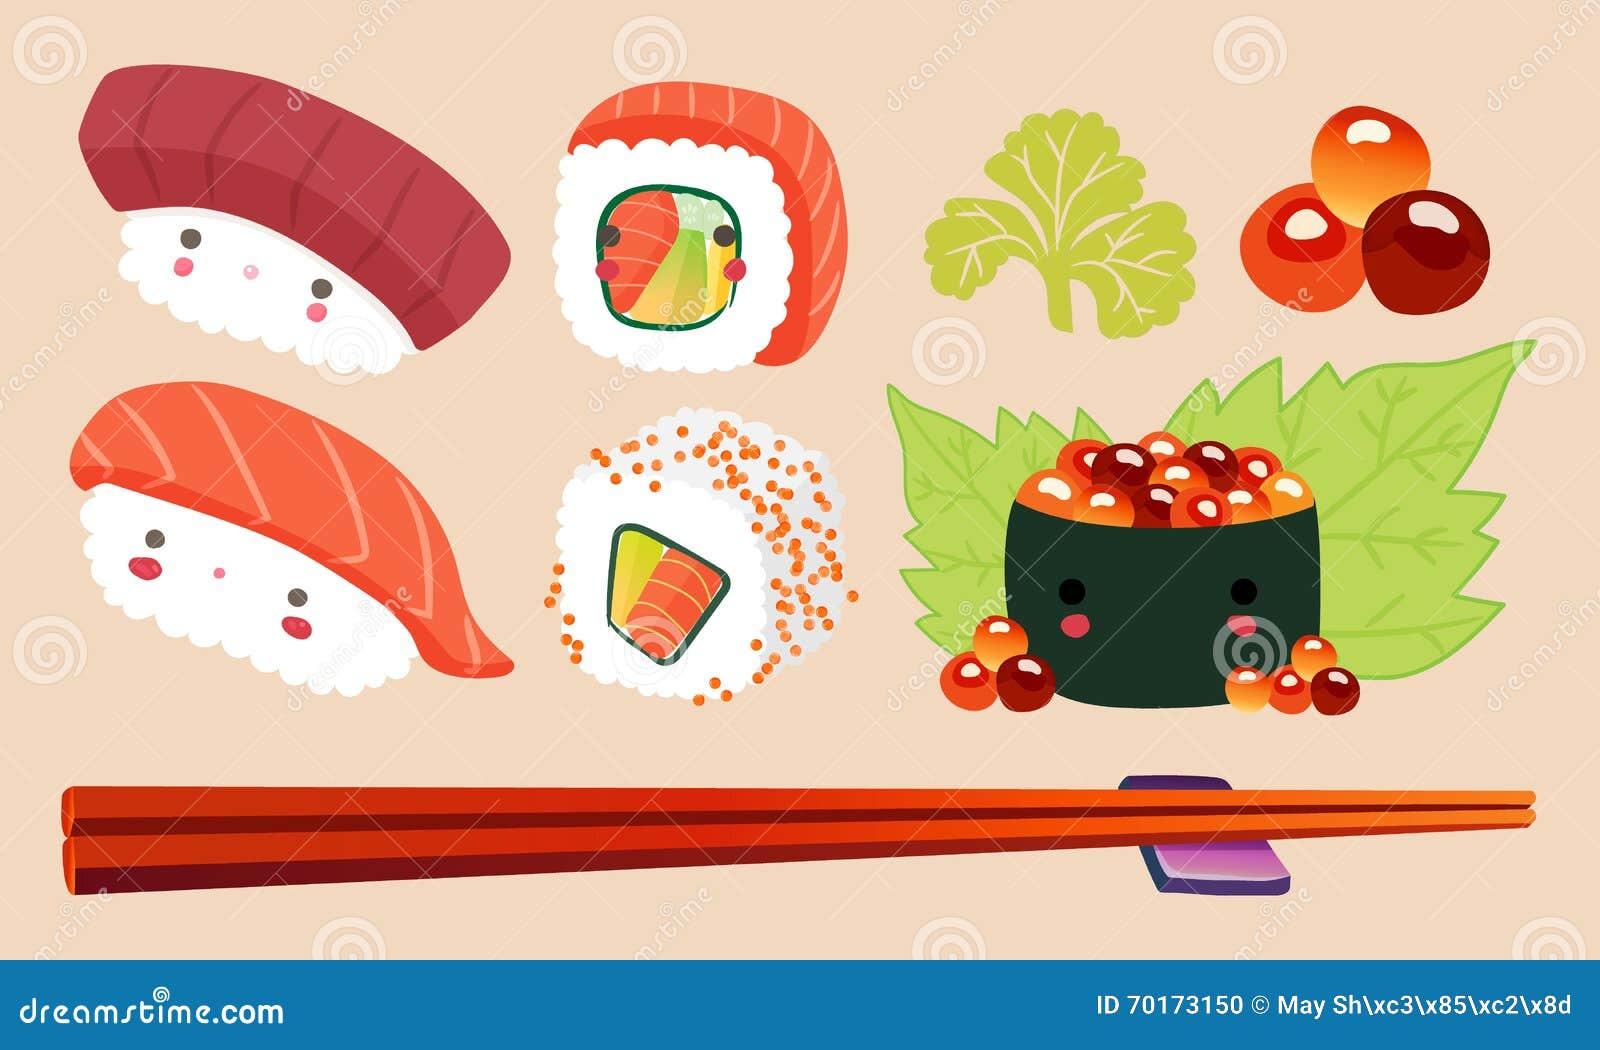 Cute Kawaii Food Sushi